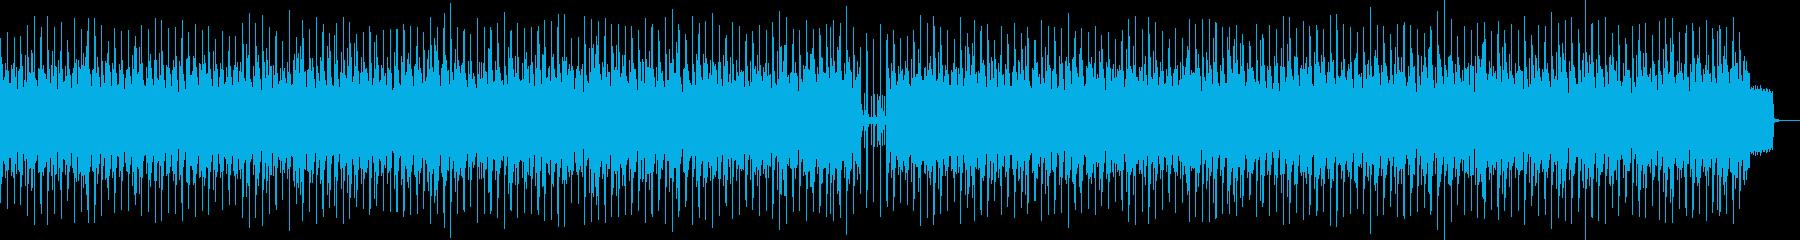 楽しいケルトの再生済みの波形